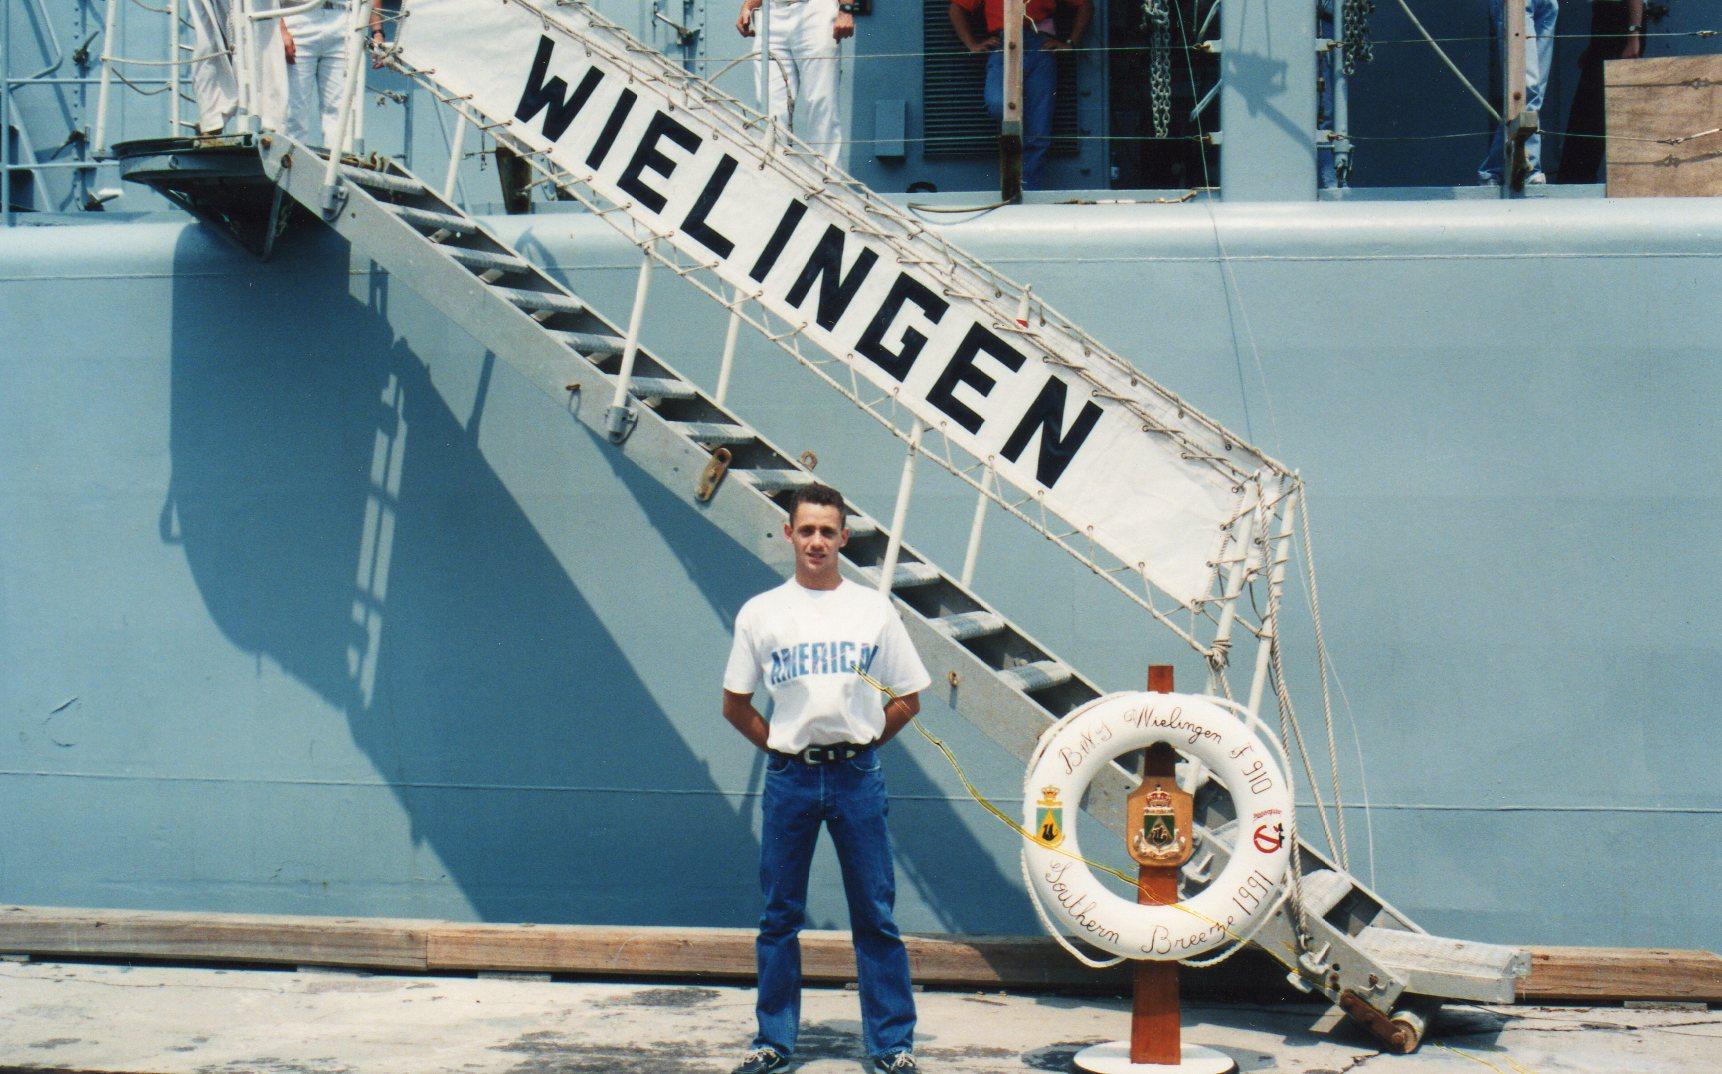 F910 WIELINGEN - Operation SOUTHERN BREEZE - Page 5 100214055738980575440393